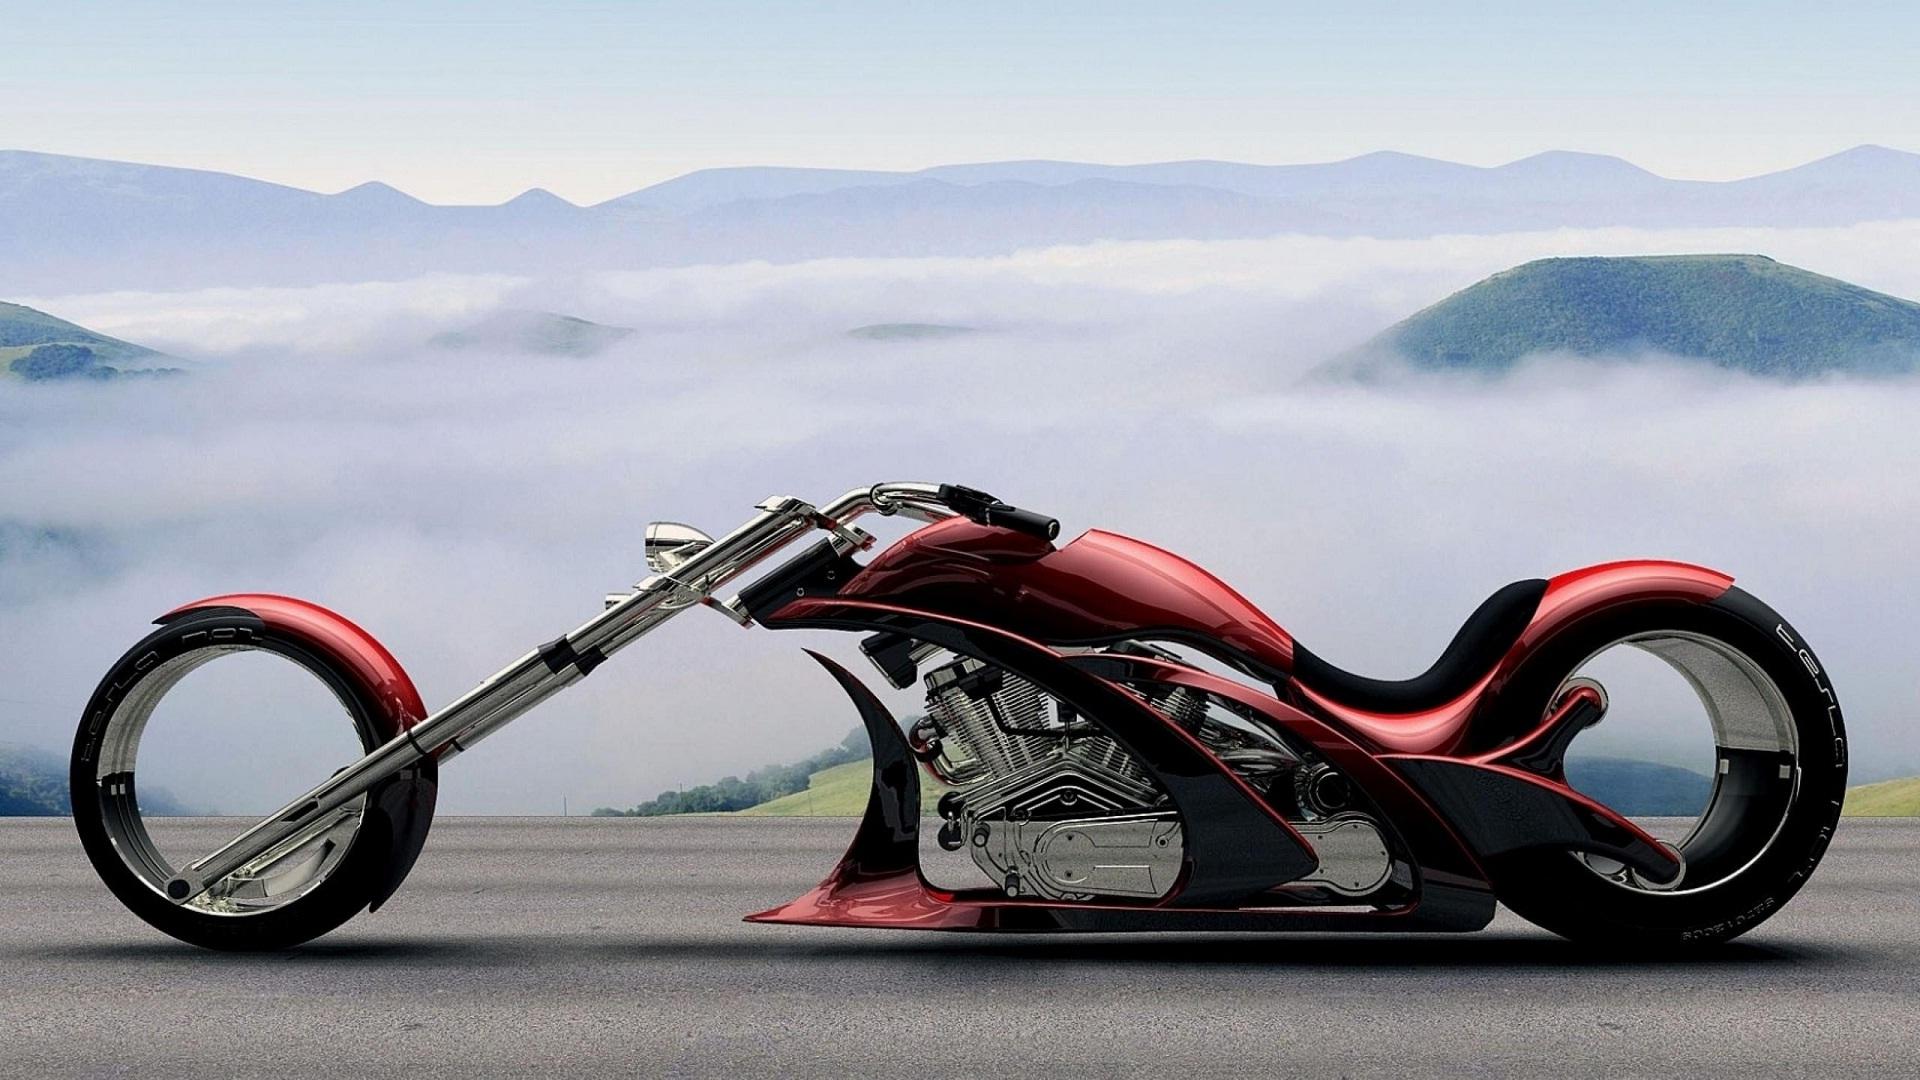 Chopper Bike Awesome Full Hd Wide Wallpapers Hd Wallpapers - Lamborghini Motorcycle - HD Wallpaper